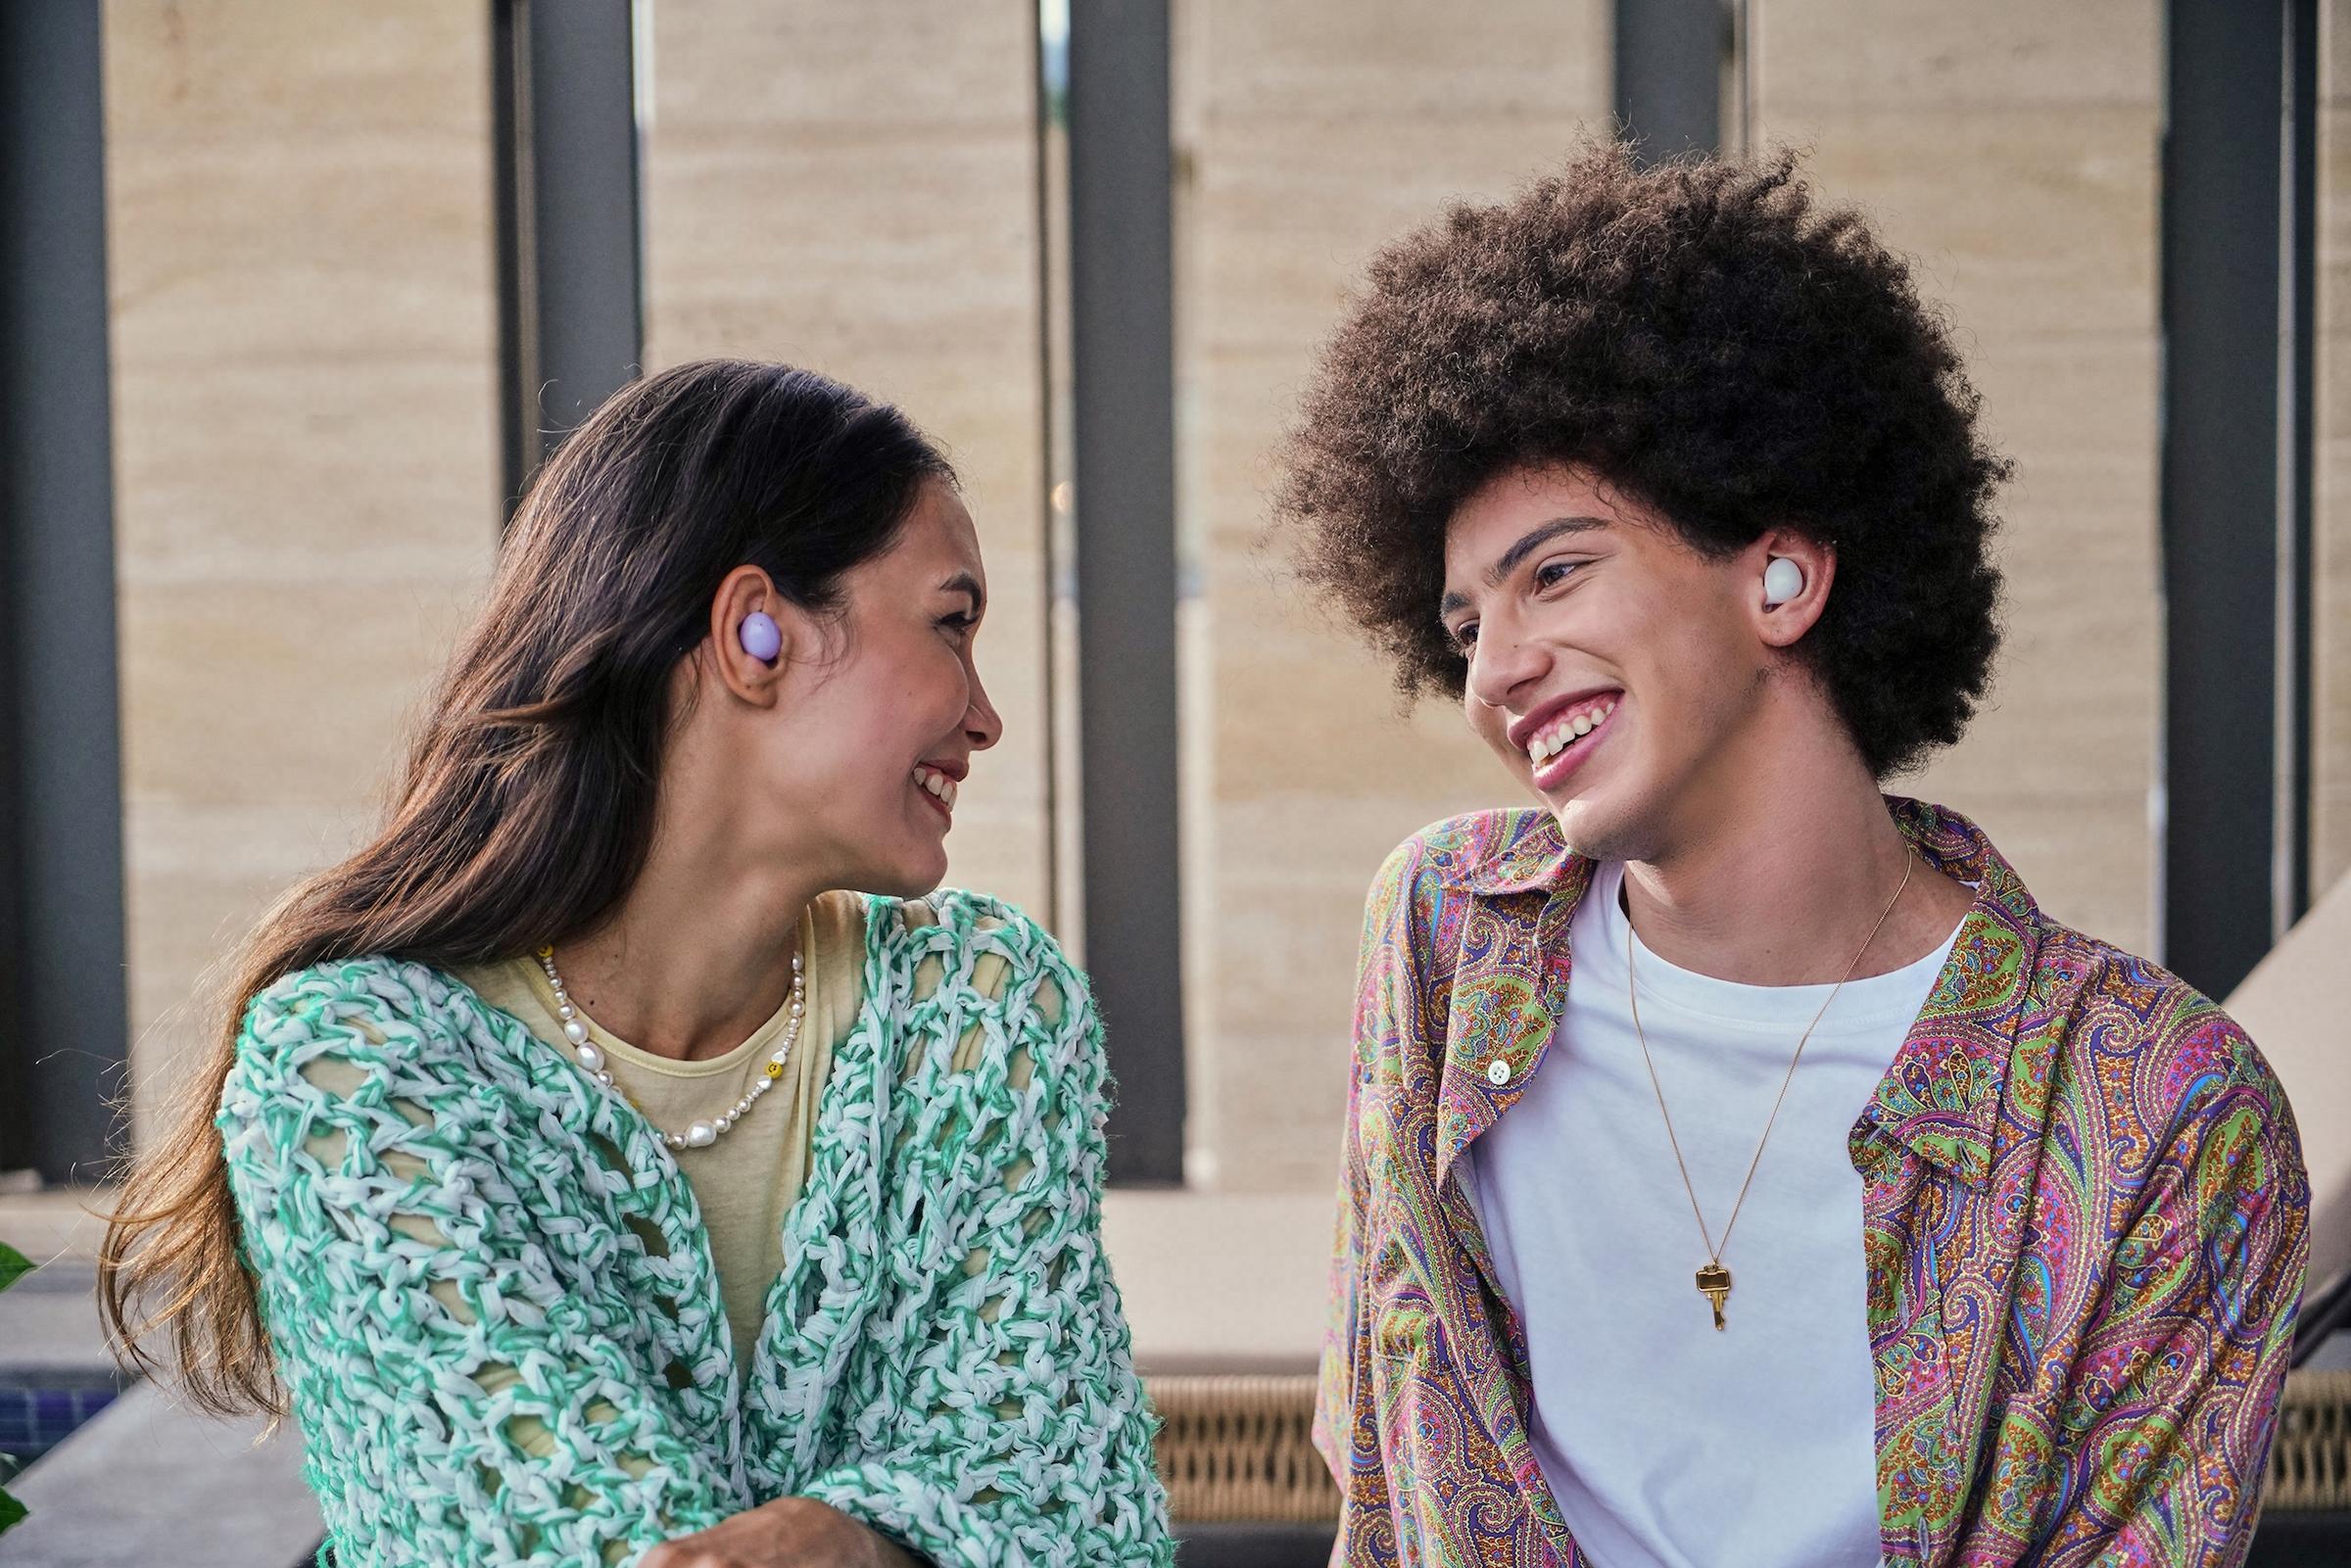 Người dùng có thể tận hưởng âm thanh liền mạch, sống động hơn.